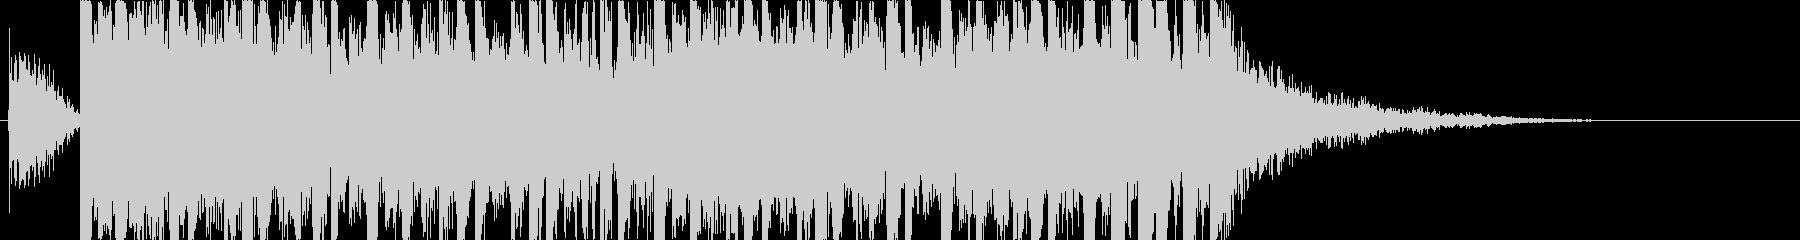 オリエンタルで前衛的なドラムンベースの未再生の波形